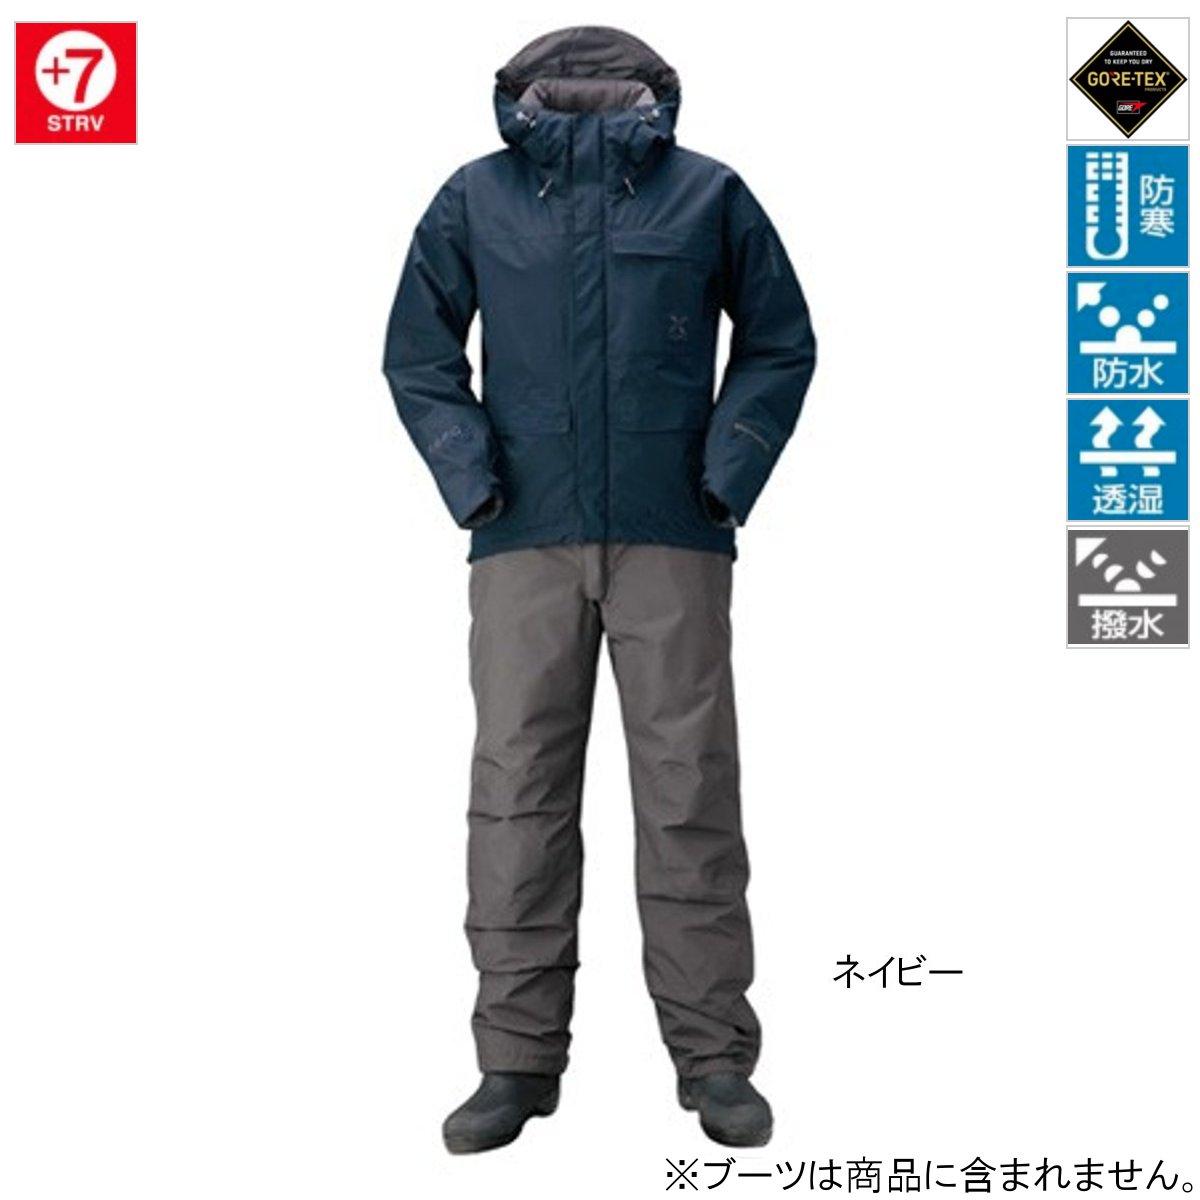 シマノ XEFO GORE-TEX COZY SUIT RB-214Q L ネイビー(東日本店)